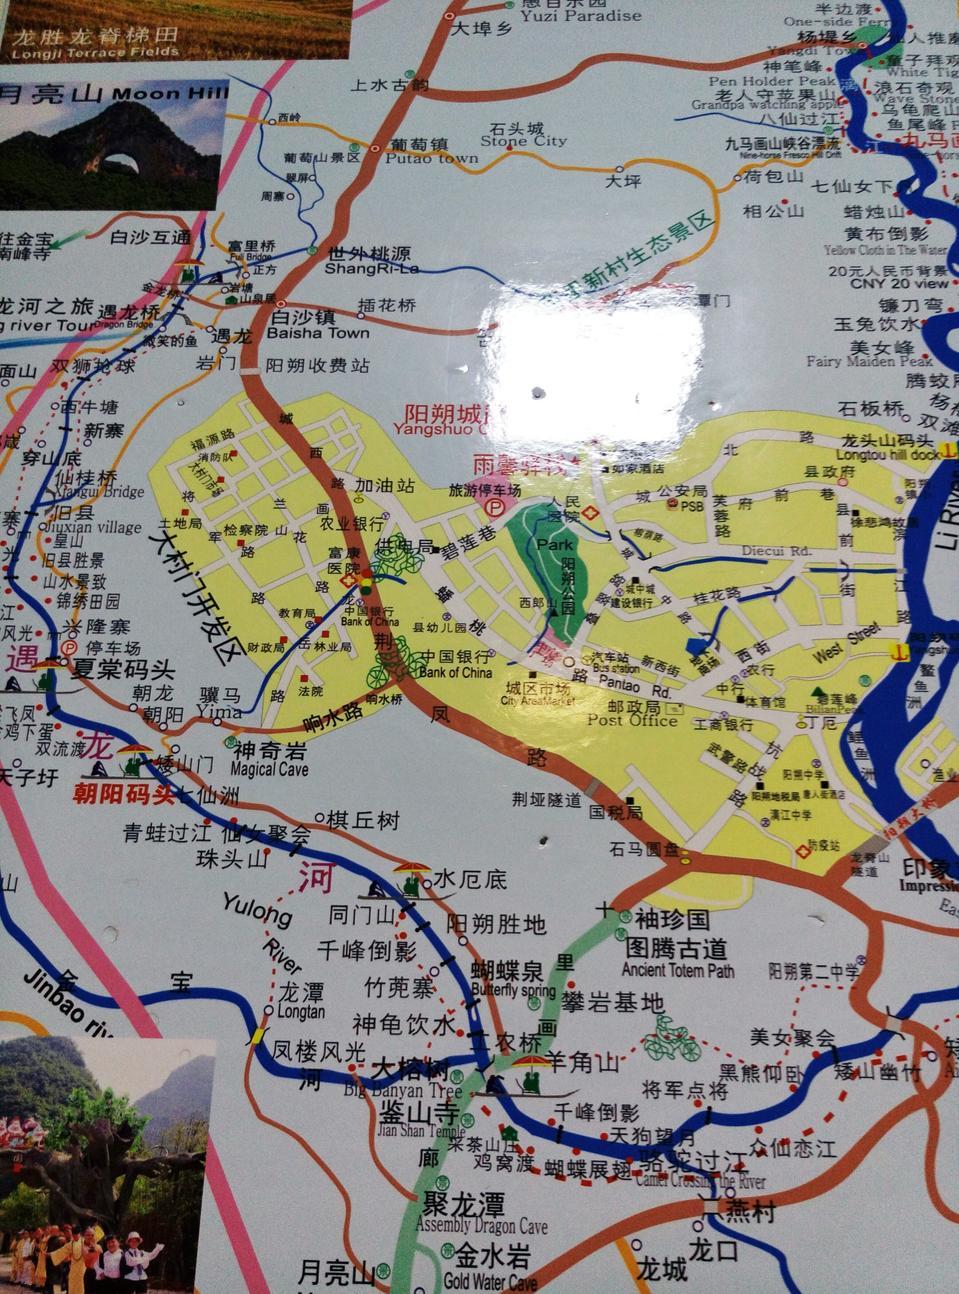 阳朔主要景点地图